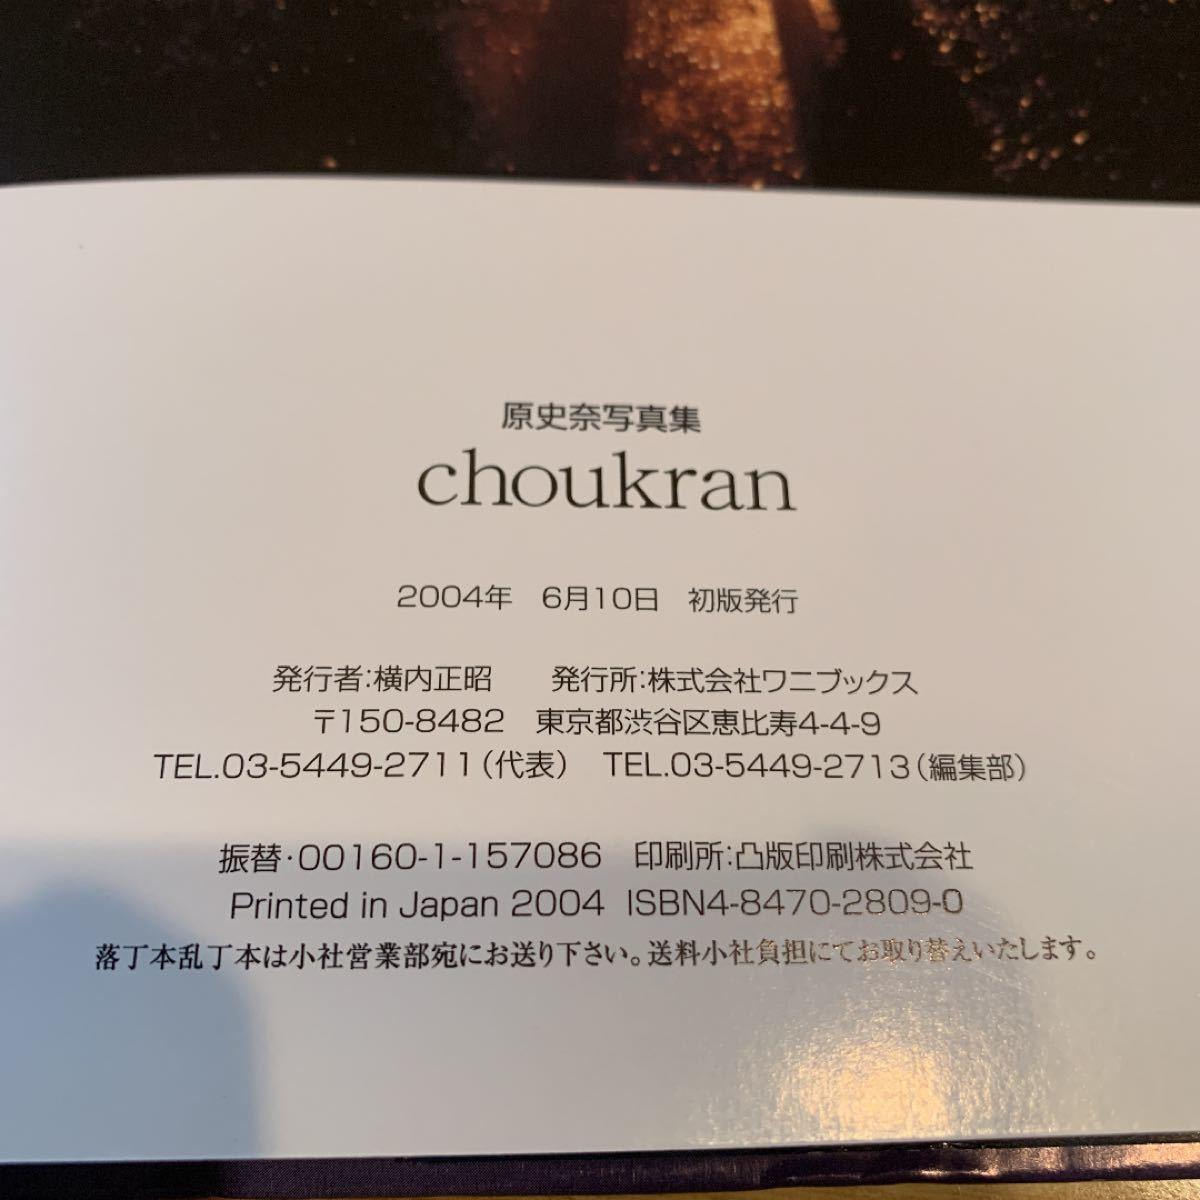 【初版】Choukran : 原史奈写真集